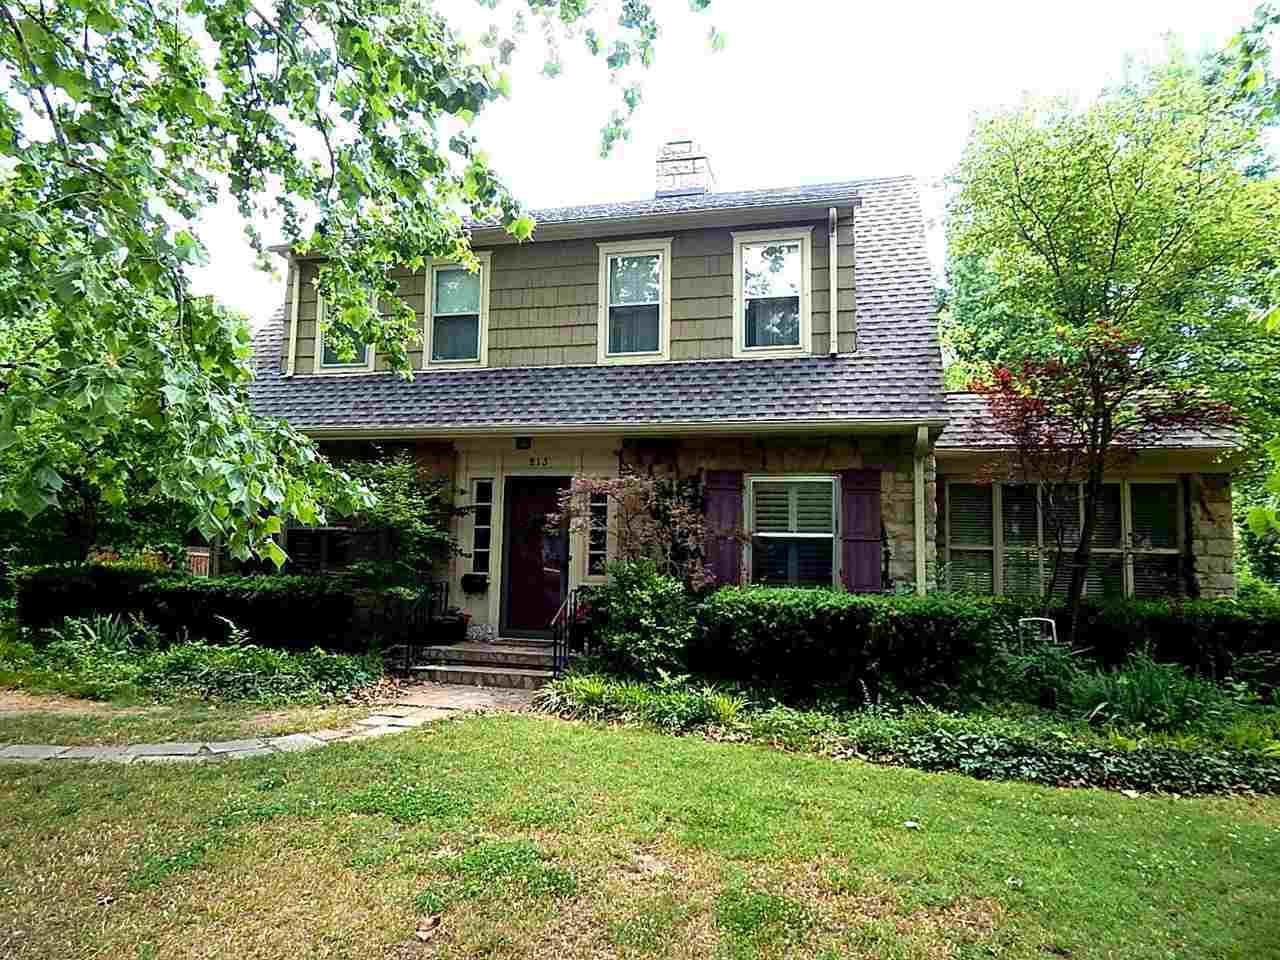 Sold Intraoffice W/MLS | 215 Virginia Ponca City, OK 74601 0